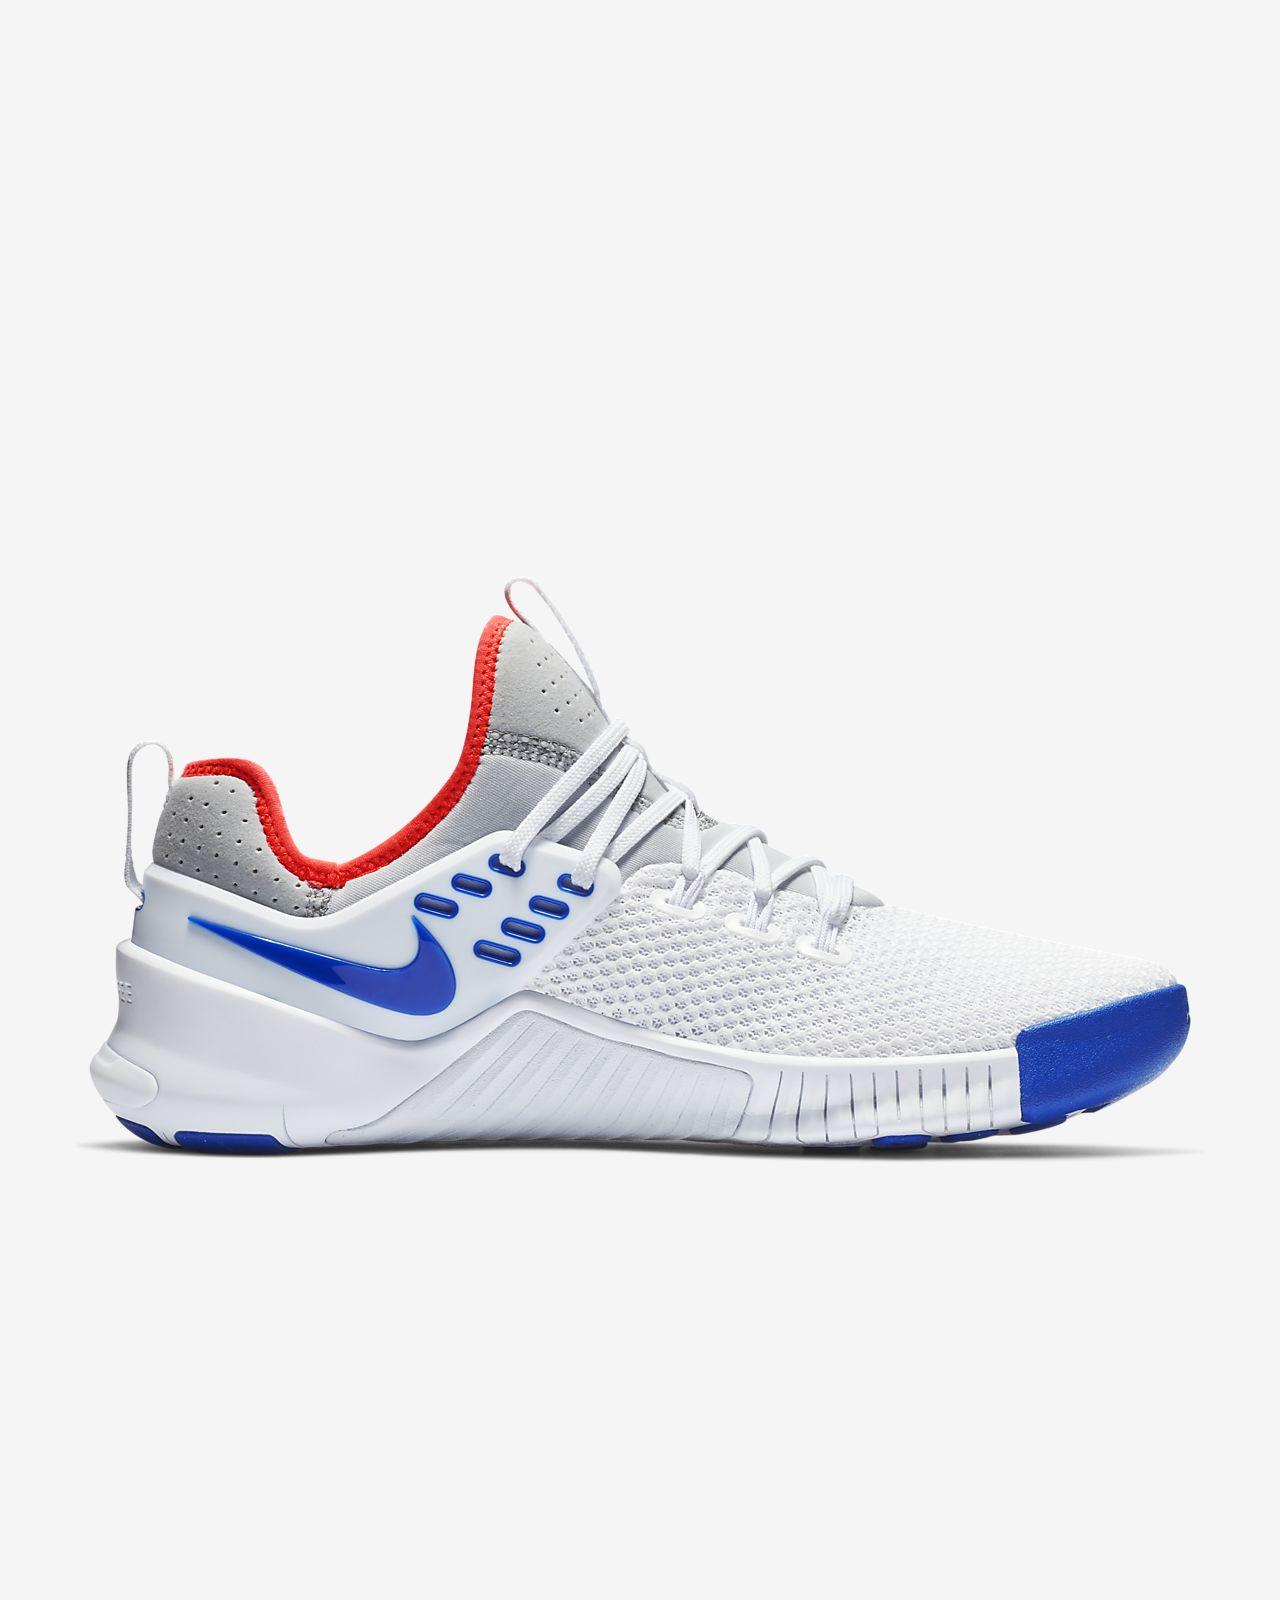 Nike Romaleos 2 Levantamiento de Pesas Zapatos Tallas 9 Colours Disponible